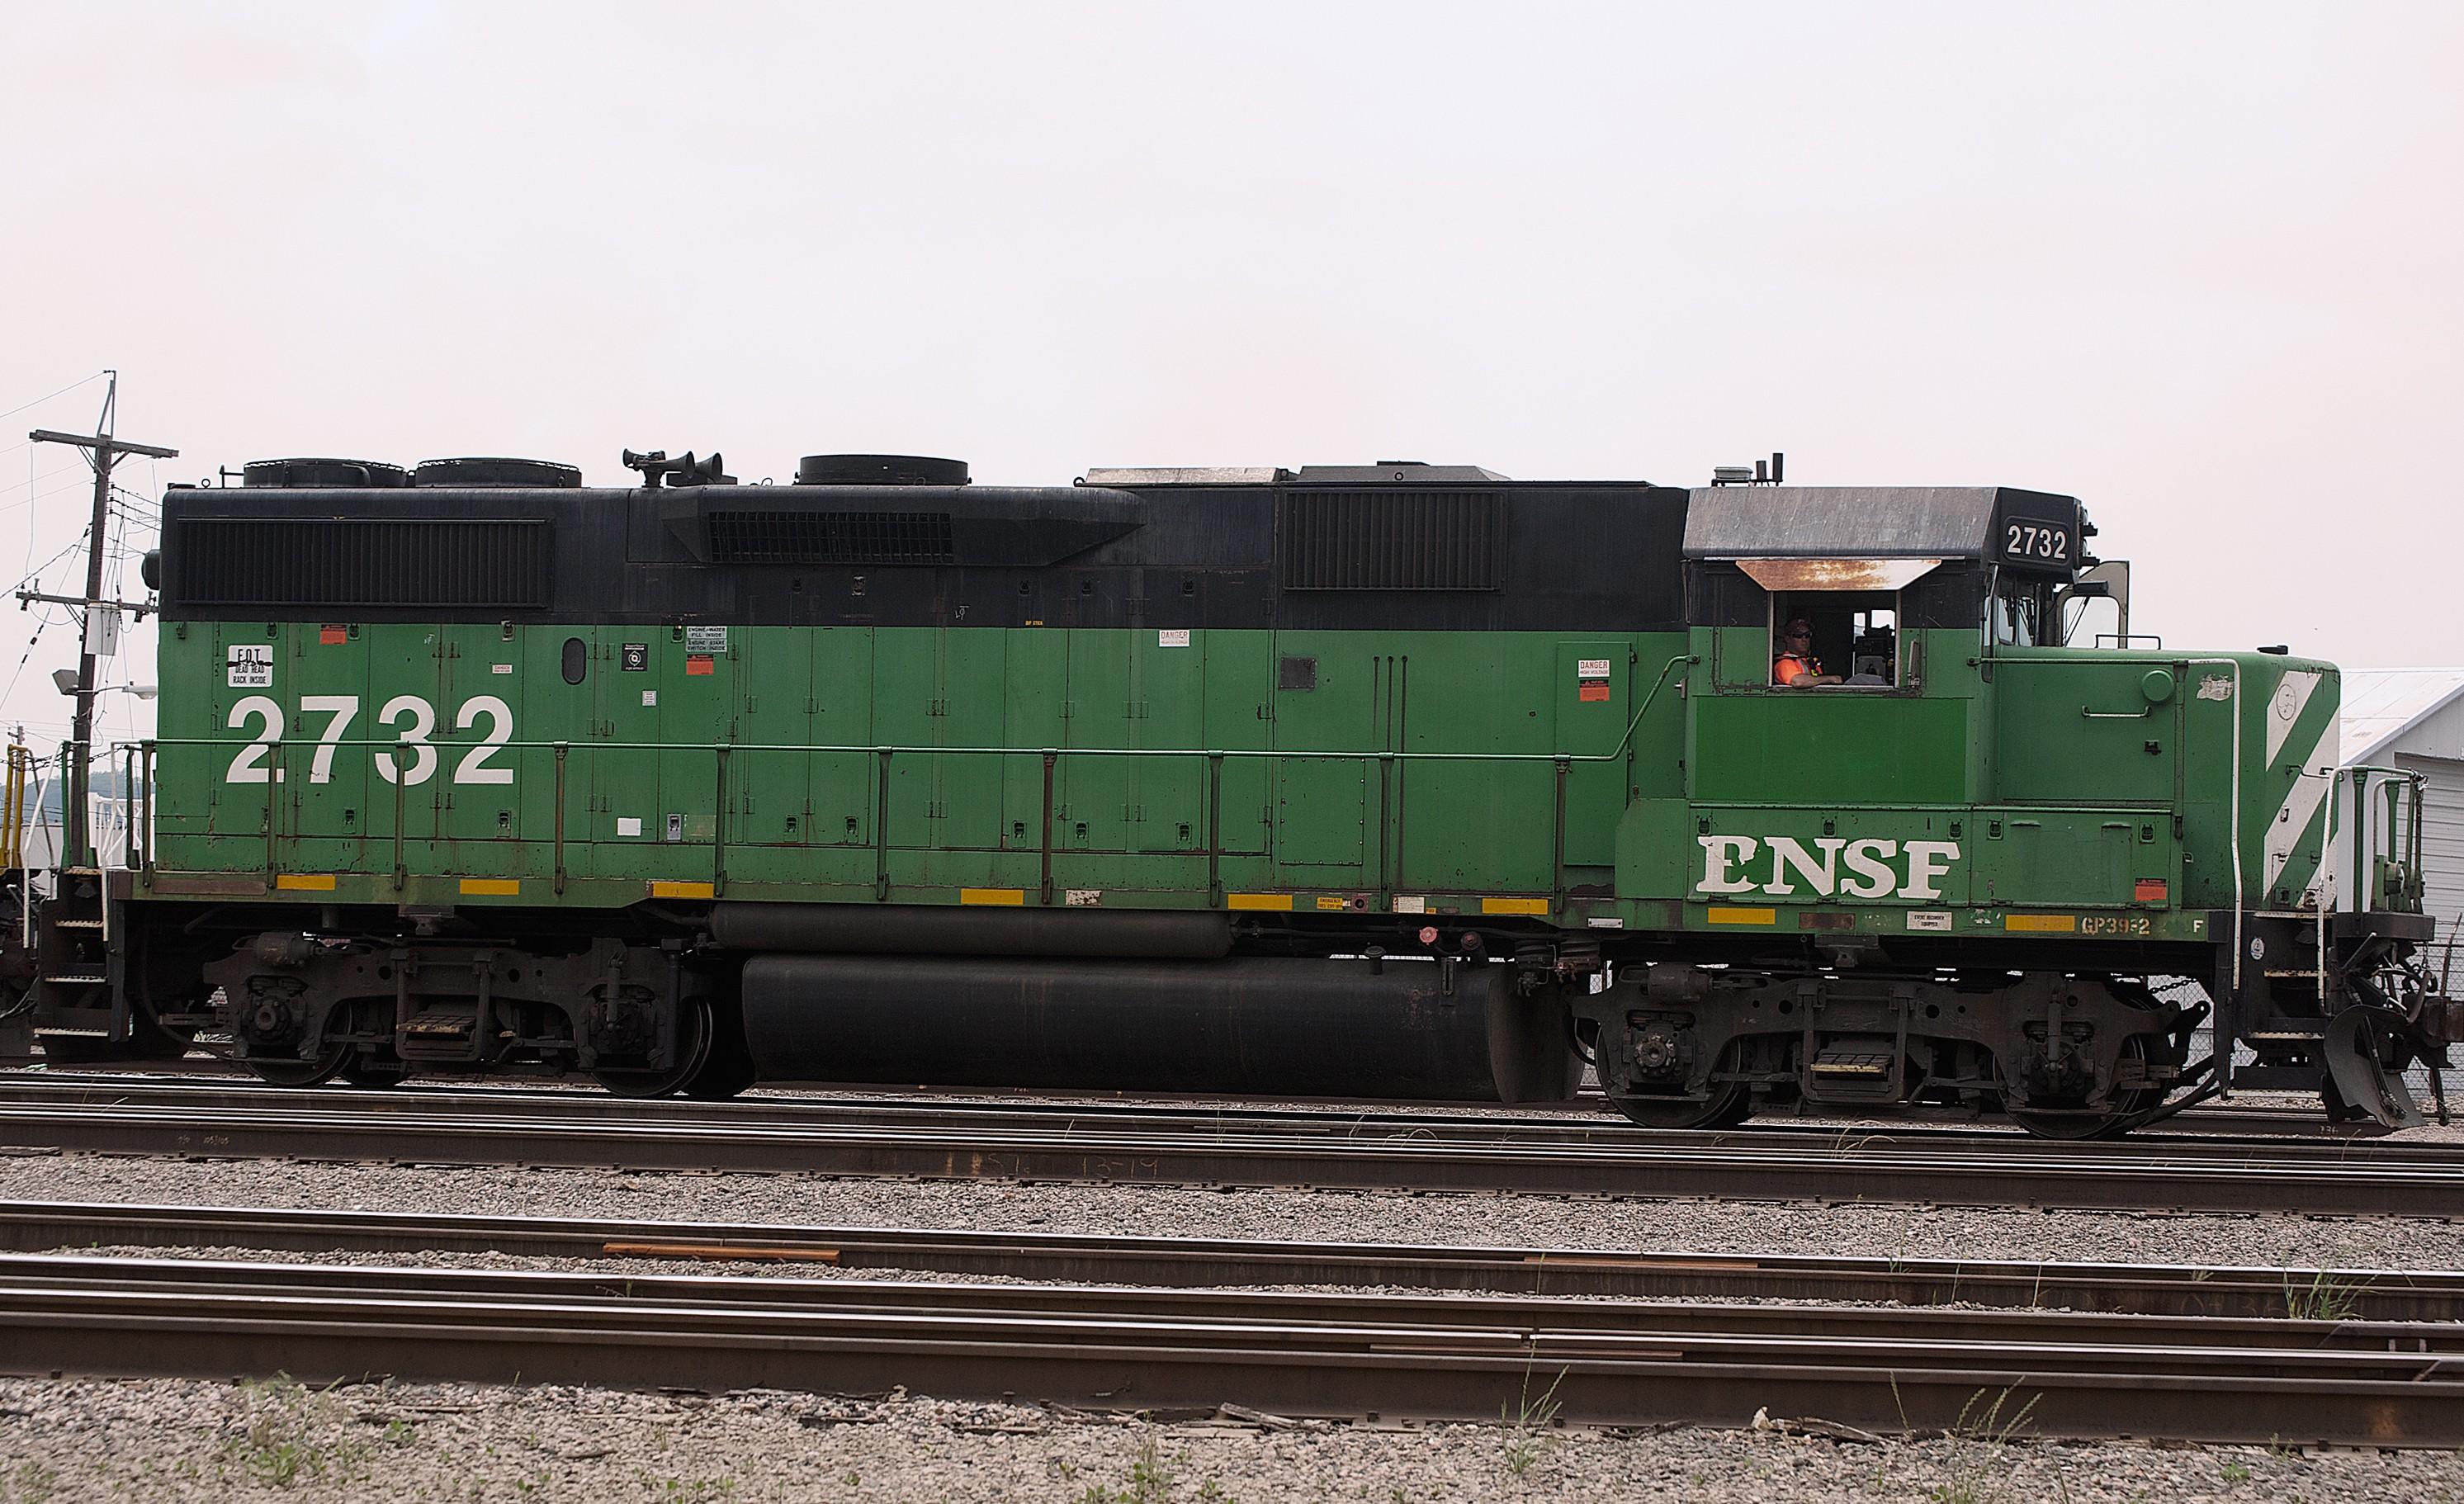 File:BNSF - Yard Work (5783771479) jpg - Wikimedia Commons